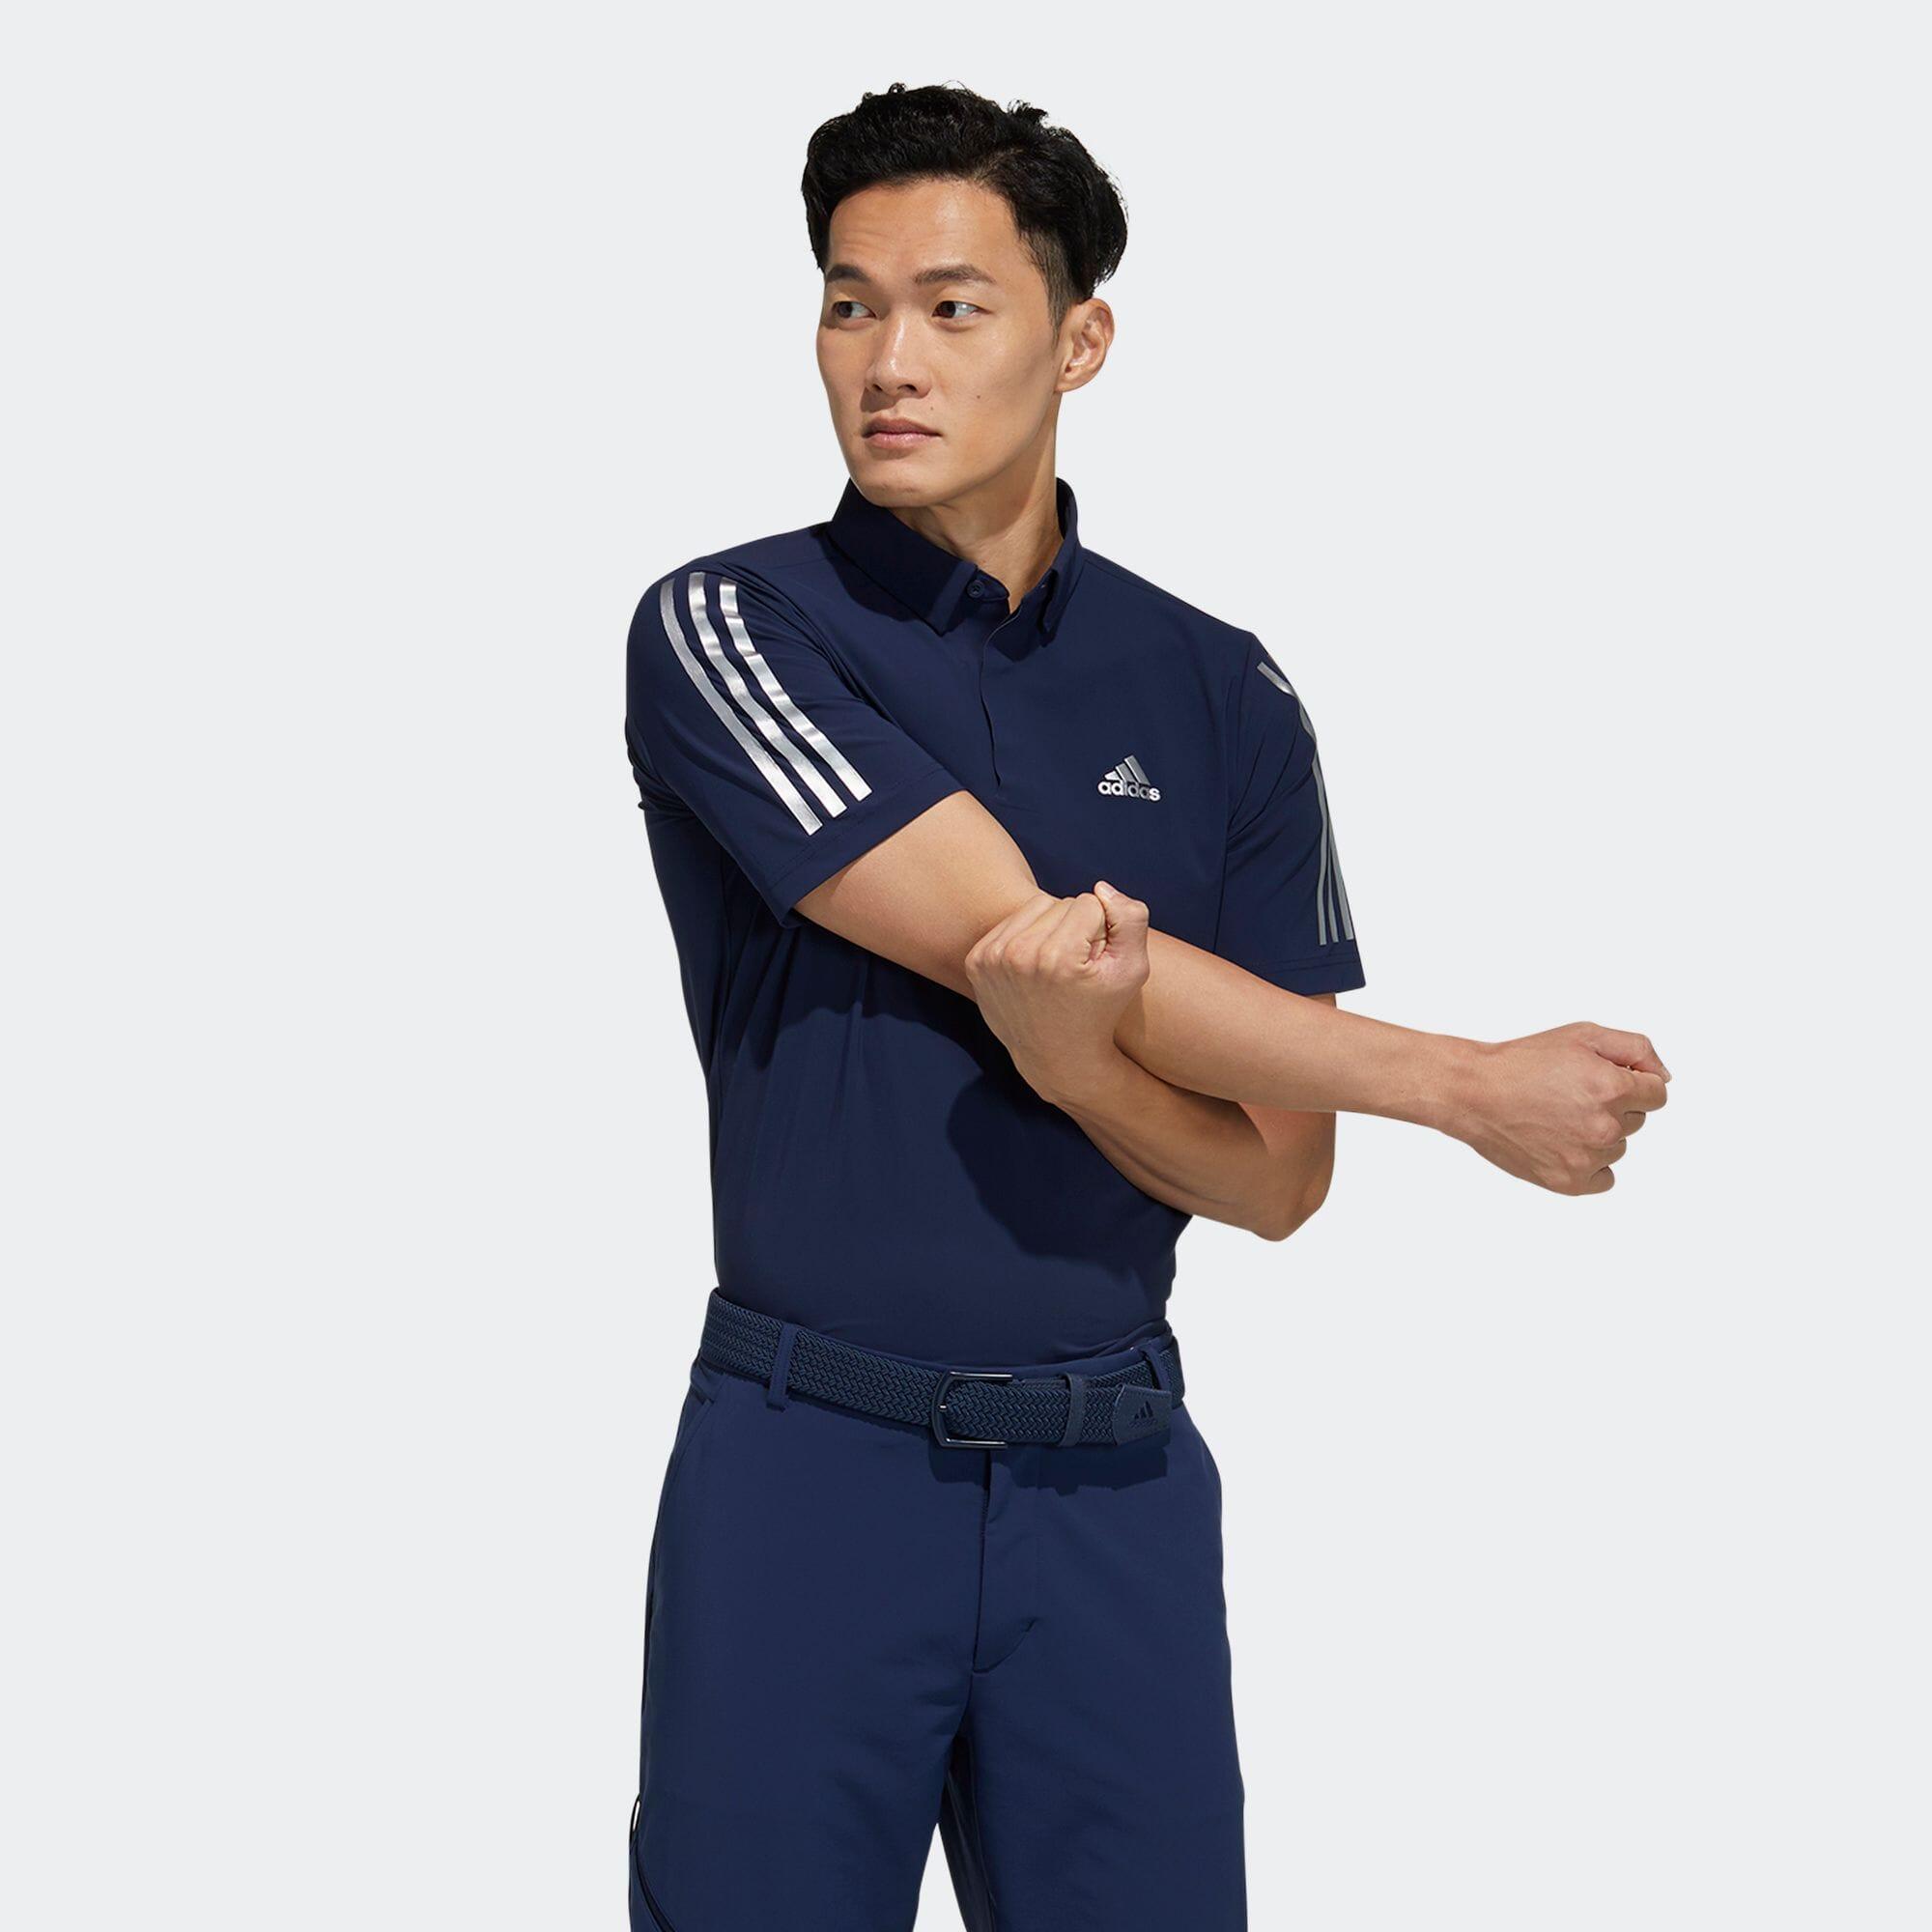 スリーブストライプス 半袖ストレッチボタンダウンシャツ / Polo Shirt